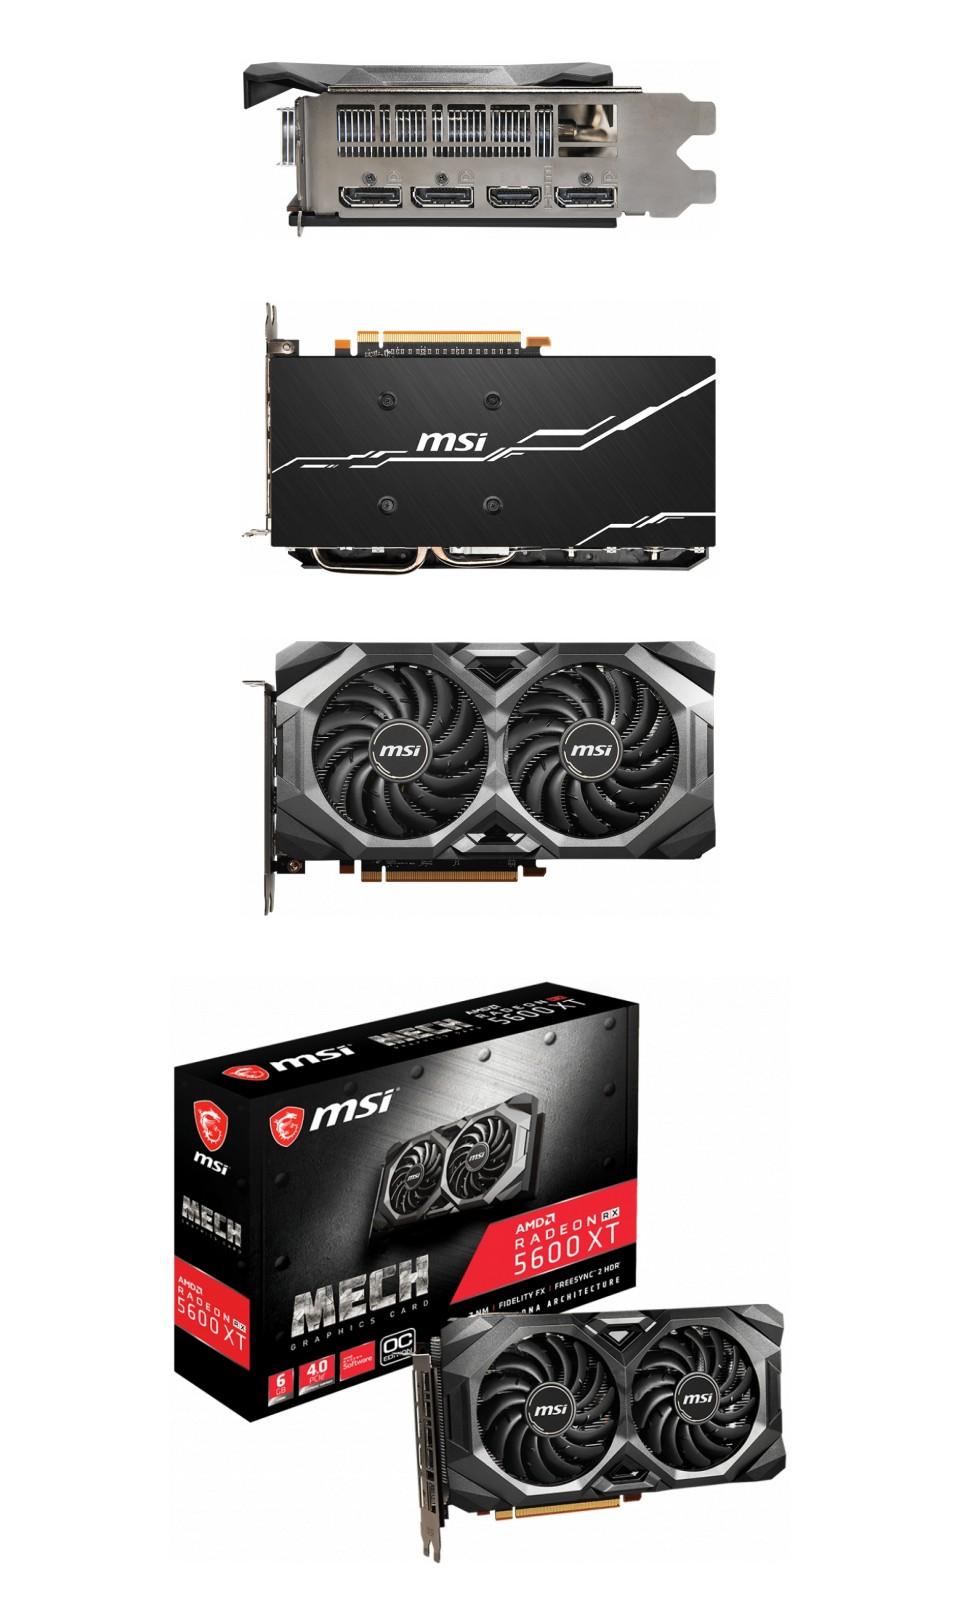 MSI Radeon RX 5600 XT Mech OC 8GB product